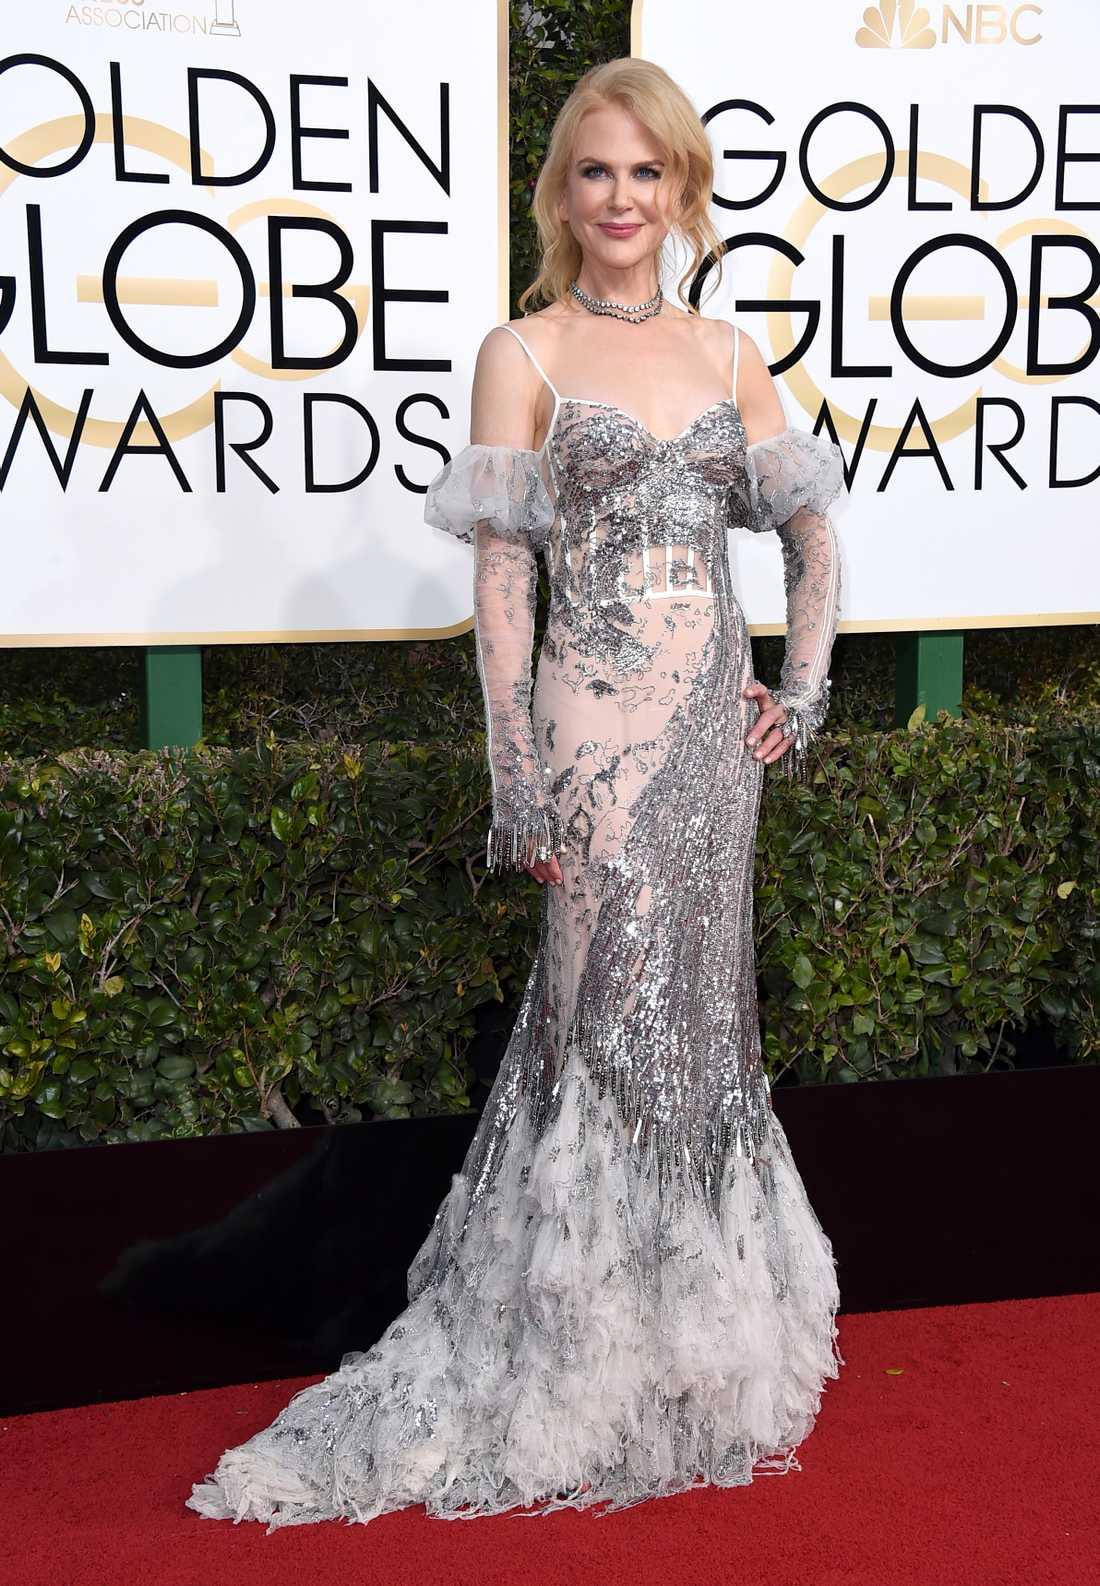 Nicole Kidman Isdrottningen? Nicole har aldrig varit rädd för det annorlunda och djärva men ändå eleganta och det har gett henne röda mattan-drottning-status. Även här tar hon ett steg utanför det vanliga, främst med de där högstadie-bal-handskarna. Den här klänningen från Alexander McQiueen är ingen favorit för mig dessvärre, lite för isig för min smak.  2 plus.